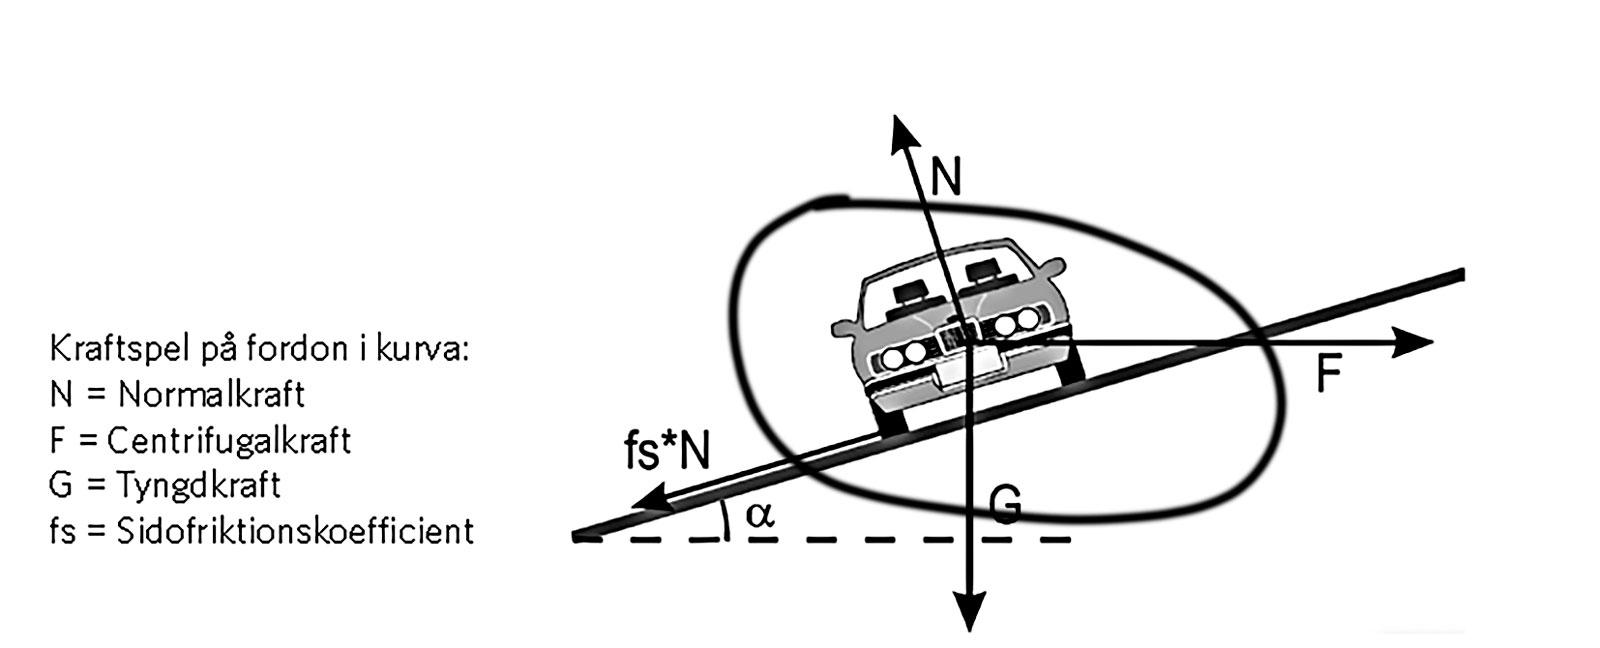 Här brister vägreglerna, enligt Johan Granlund, civilingenjör och vägexpert på teknikkonsultföretaget WSP. Bilderna kommer från regelverket VGU, Vägars och gators utformning. Kraven på lutning i kurvor bygger på en modell som representerar en personbil. Tanken är att lutningen i sidled, tillsammans med vägens friktion ska kompensera sidkraften som uppstår i kurvan. Lutningen ska väljas med hänsyn till personbilens körkomfort. Den här modellen är förenklad och underskattar behovet av tvärfall, konstaterar Johan Granlund. Det gäller framför allt tunga och höga fordon samt motorcyklar eftersom tyngdpunktens höjd ovanför vägbanan och dess sidoförskjutning inte finns med i beräkningarna. Personbilen i analysmodellen har tyngdpunkten under hjulen. Modellen tar heller inte hänsyn till skillnader i friktion mellan olika hjul eller att släp utsätts för högre sidkrafter. Konsekvensen blir, enligt Johan Granlund, att kurvor byggs med alldeles för liten lutning för att ge tillräcklig stabilitet.